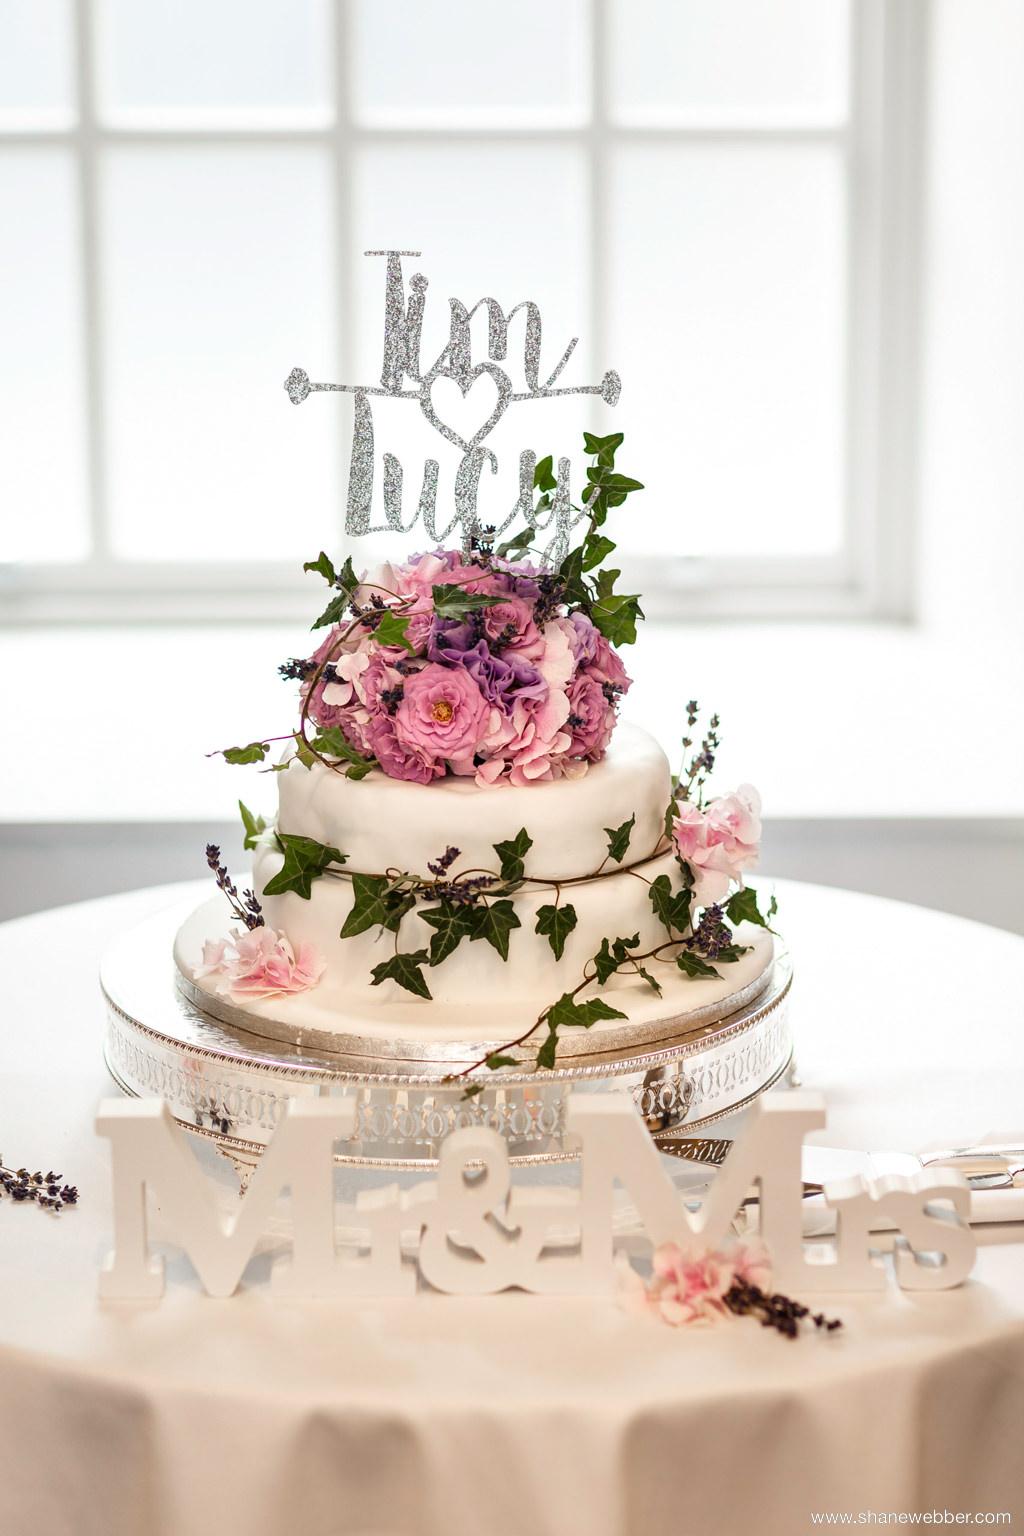 6 Awesome Wedding Cake Ideas - pineapplephotobooths